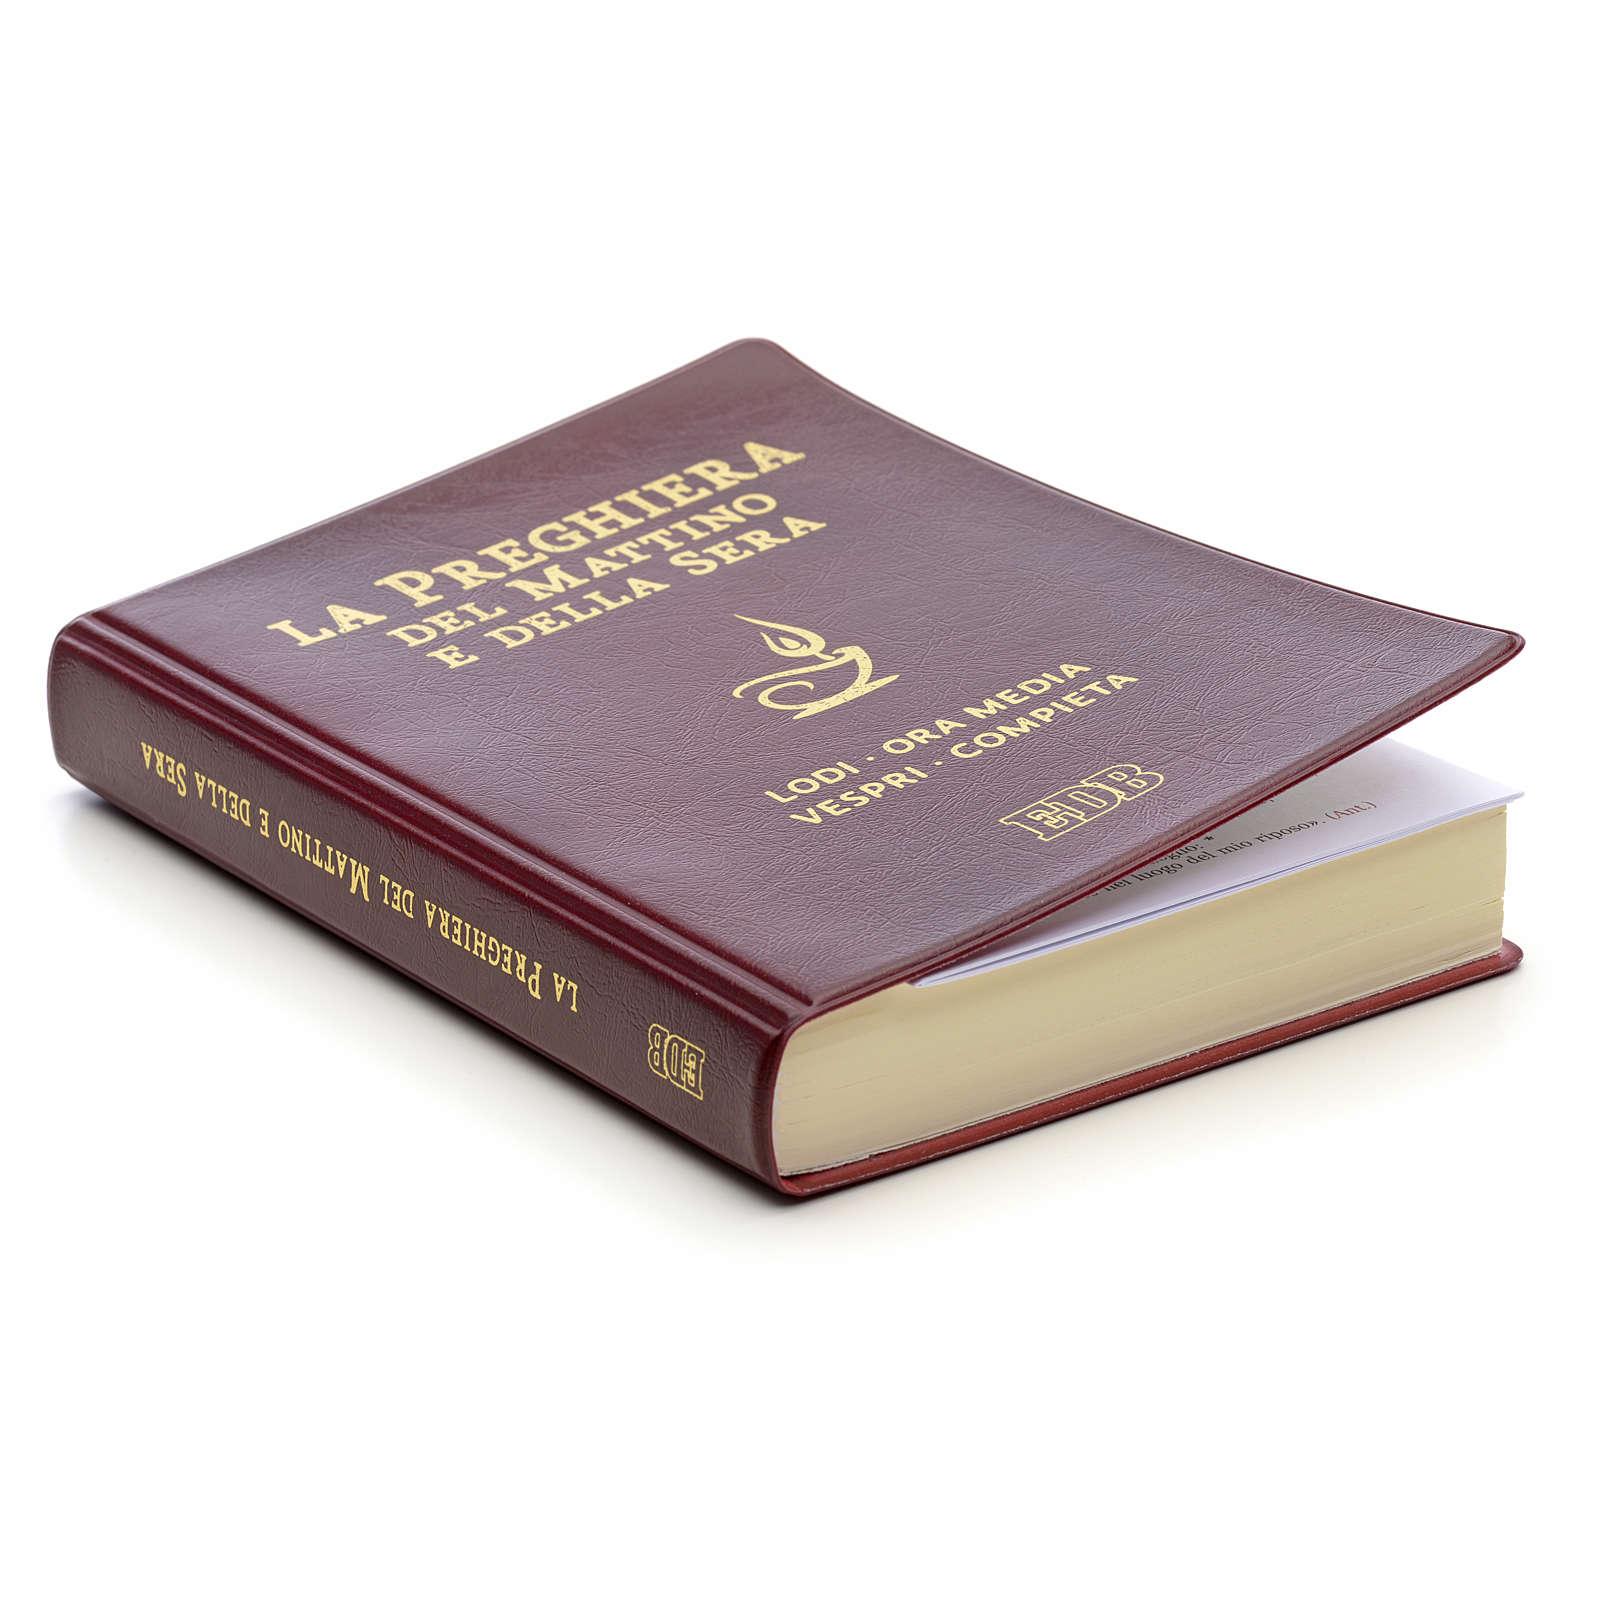 Oração Matinal e Vespertina de bolso 15x10 cm 4